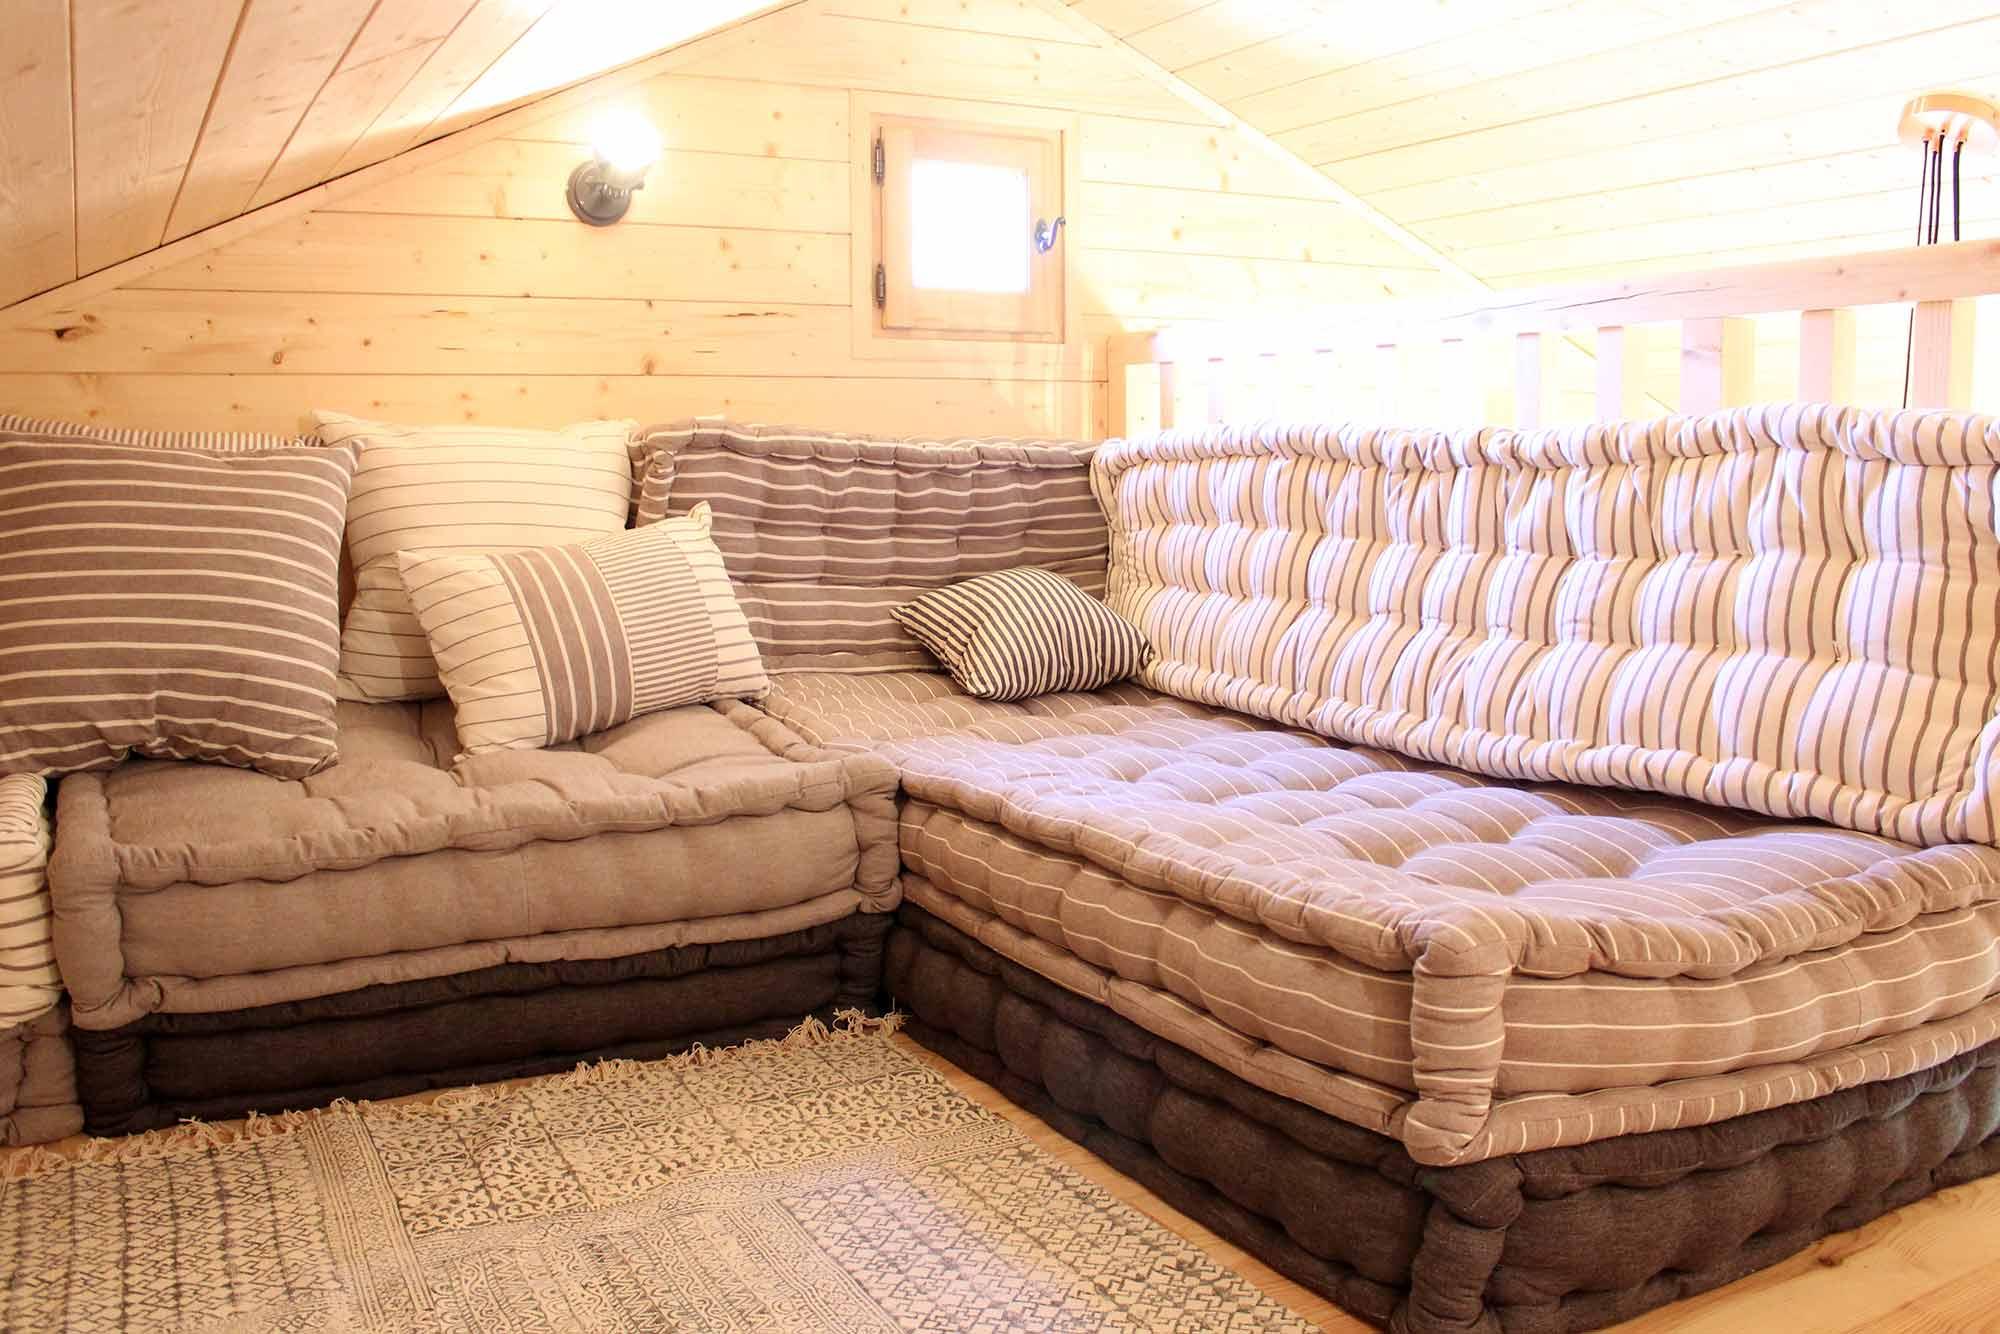 Mezzanine sous toit avec canapé en matelas mauve